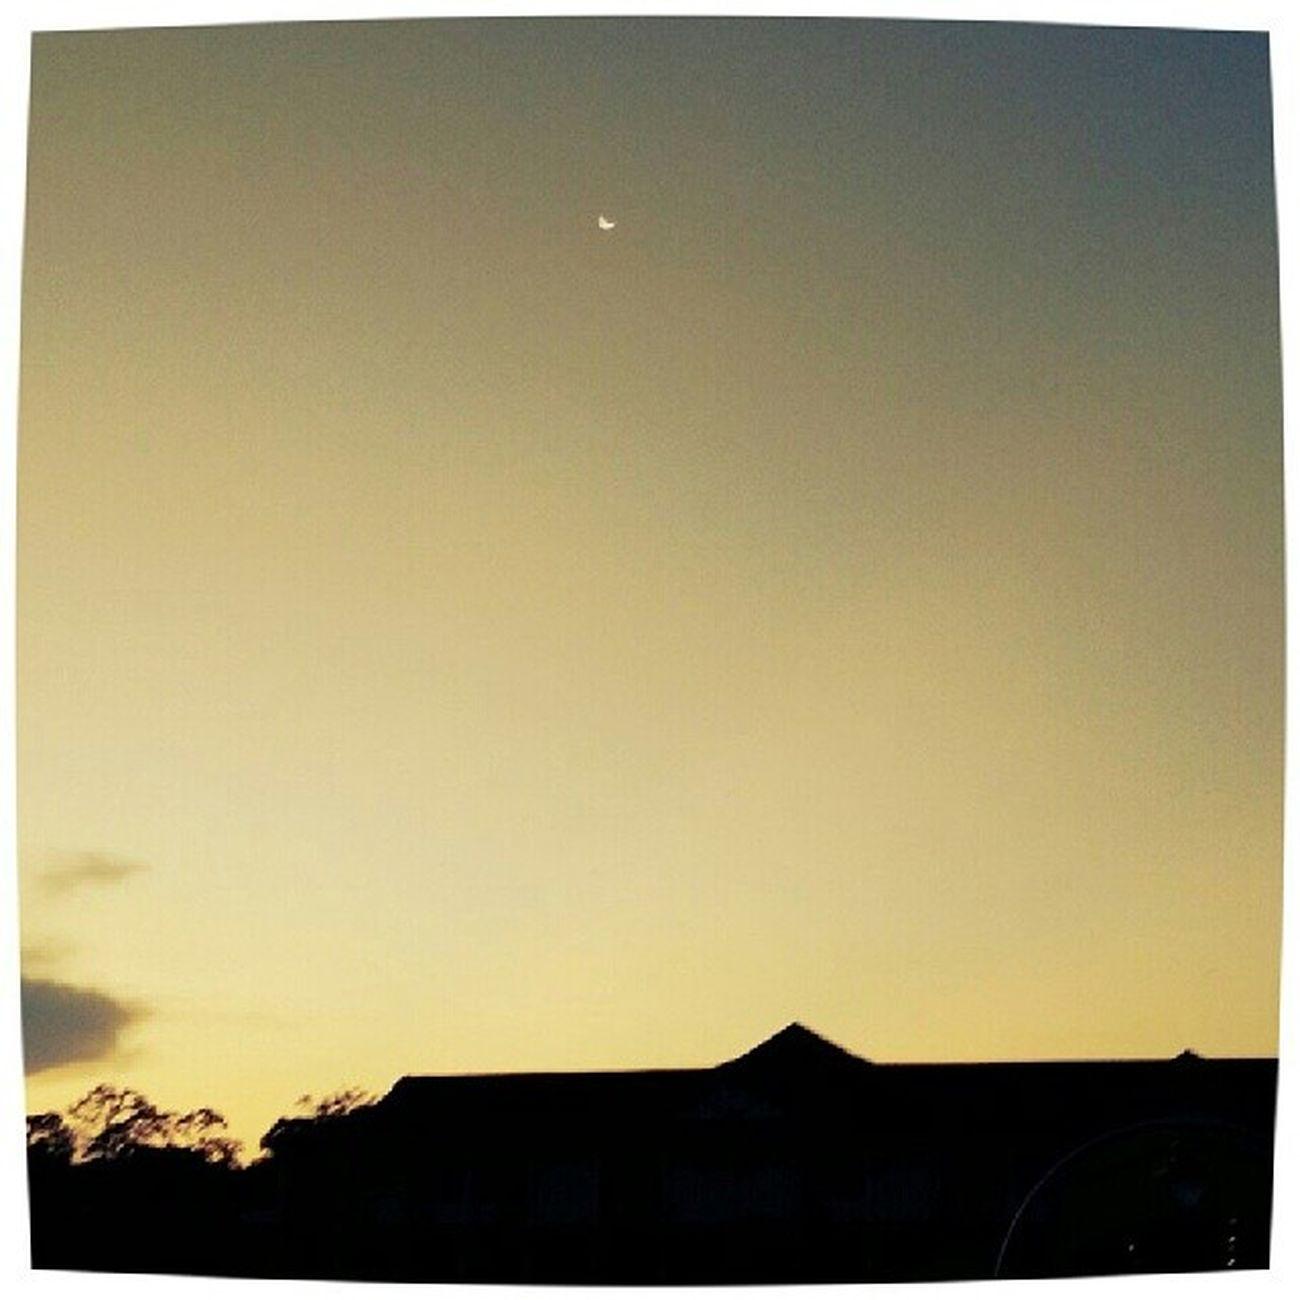 夕阳无限好,只是近黄昏。 Loveisprecious Missing